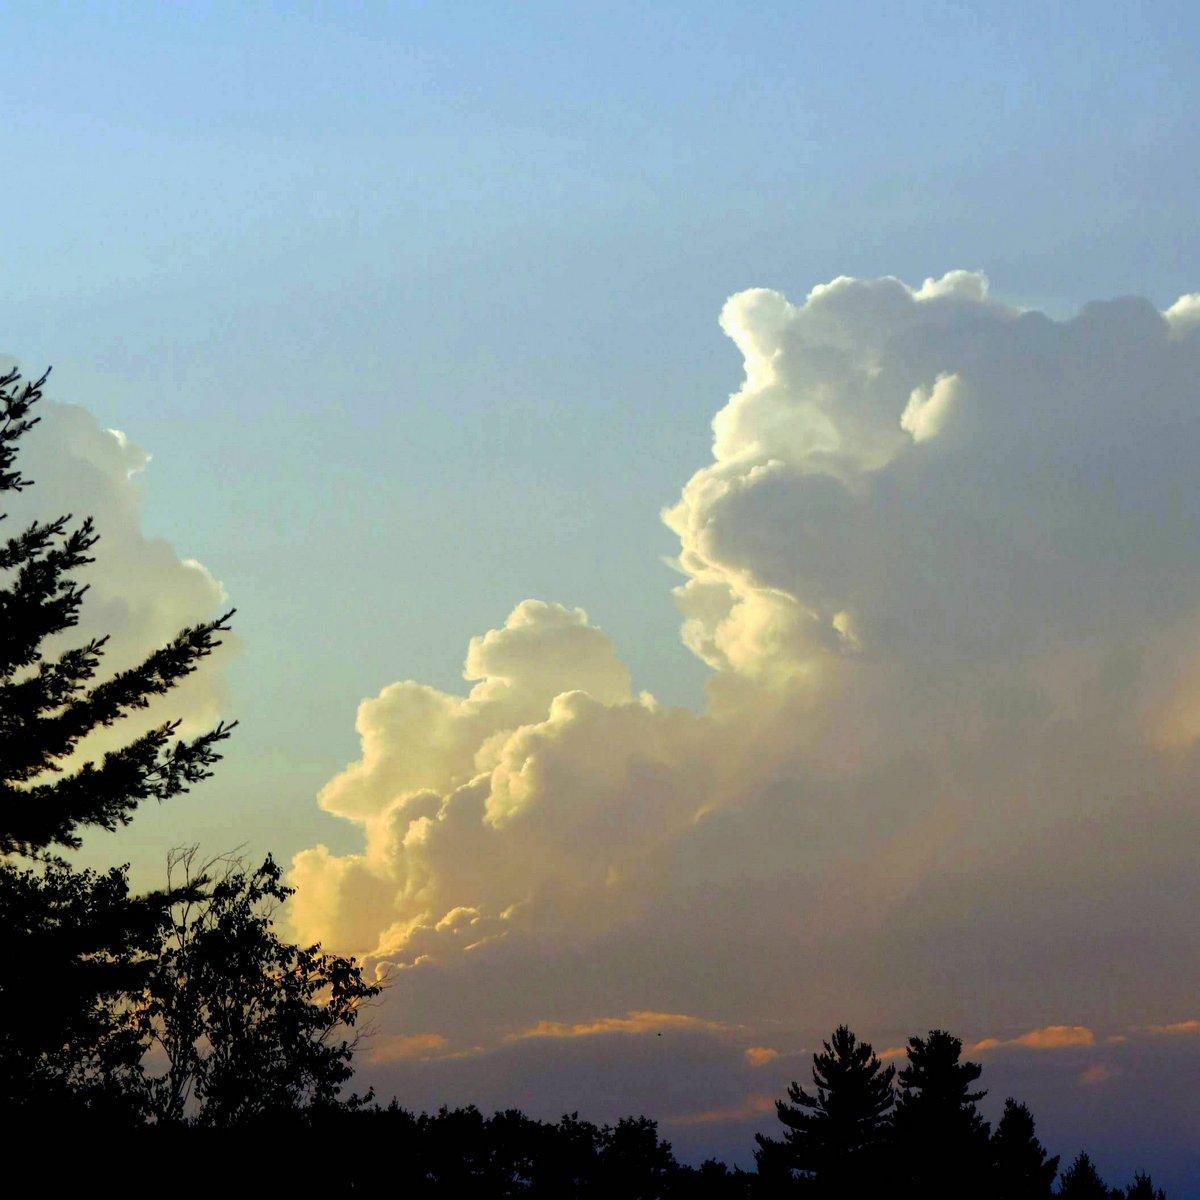 13. Thunderheads